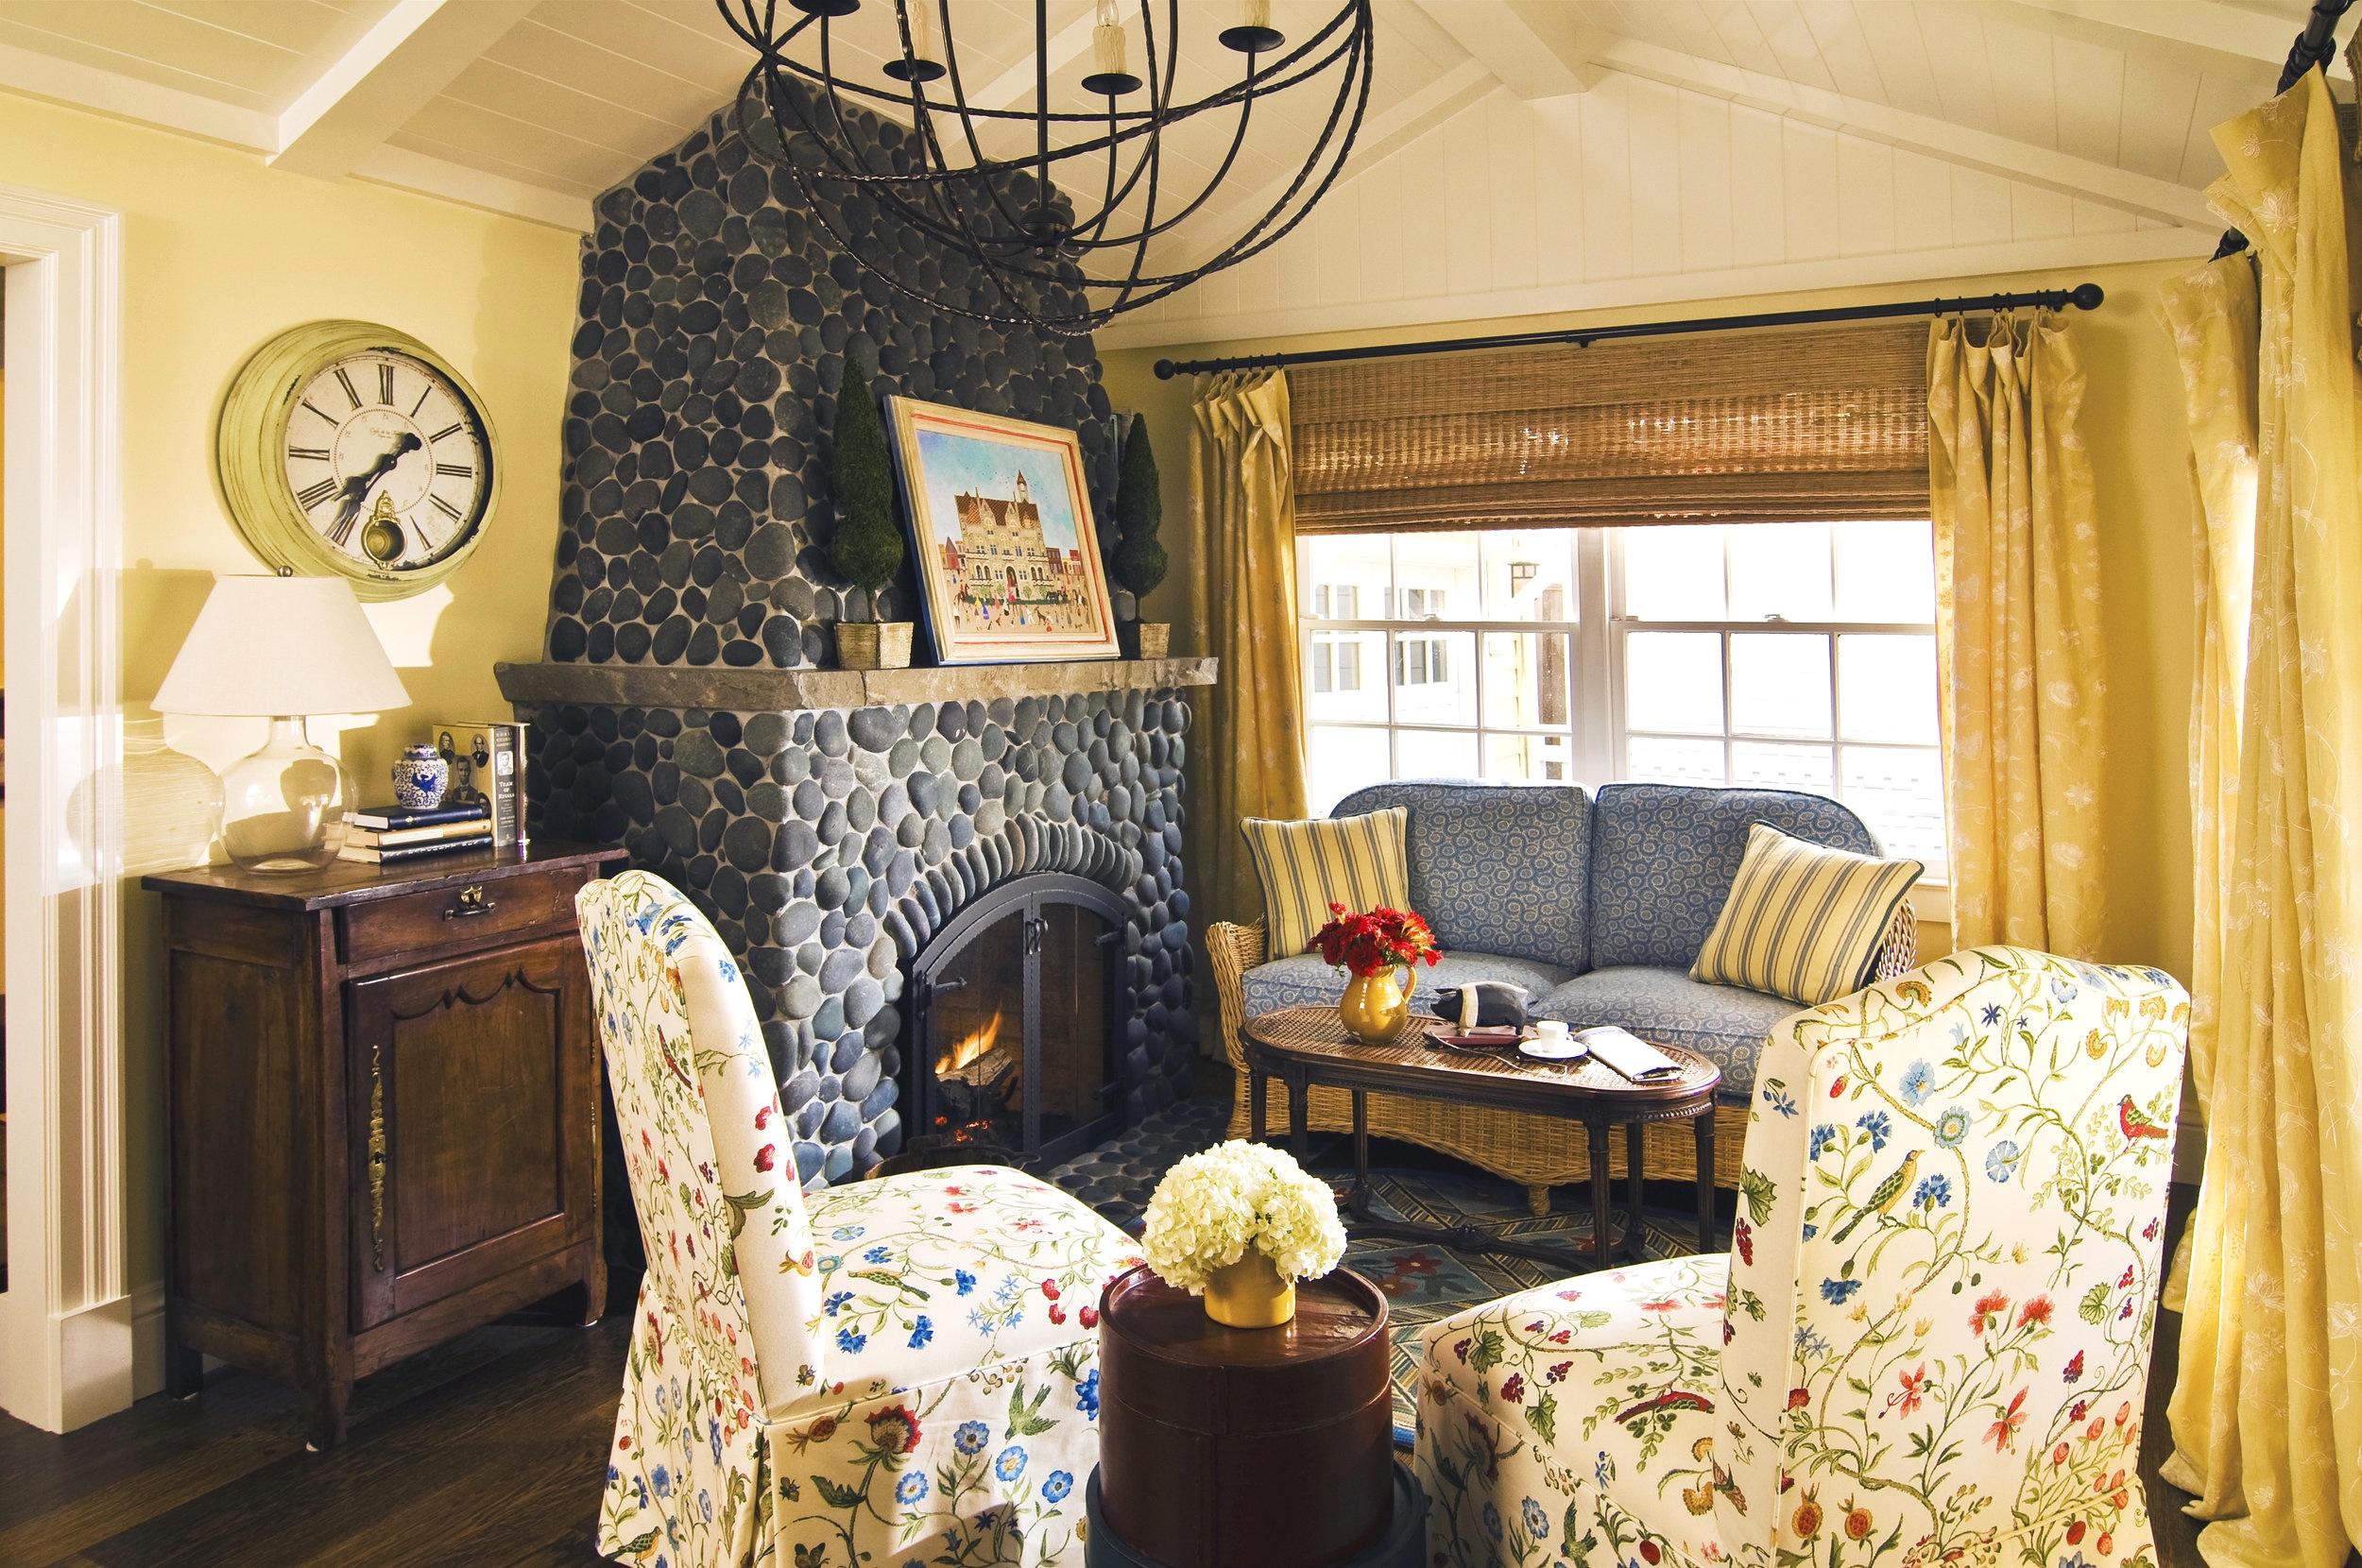 2012-1-6 Living Room 1.jpg